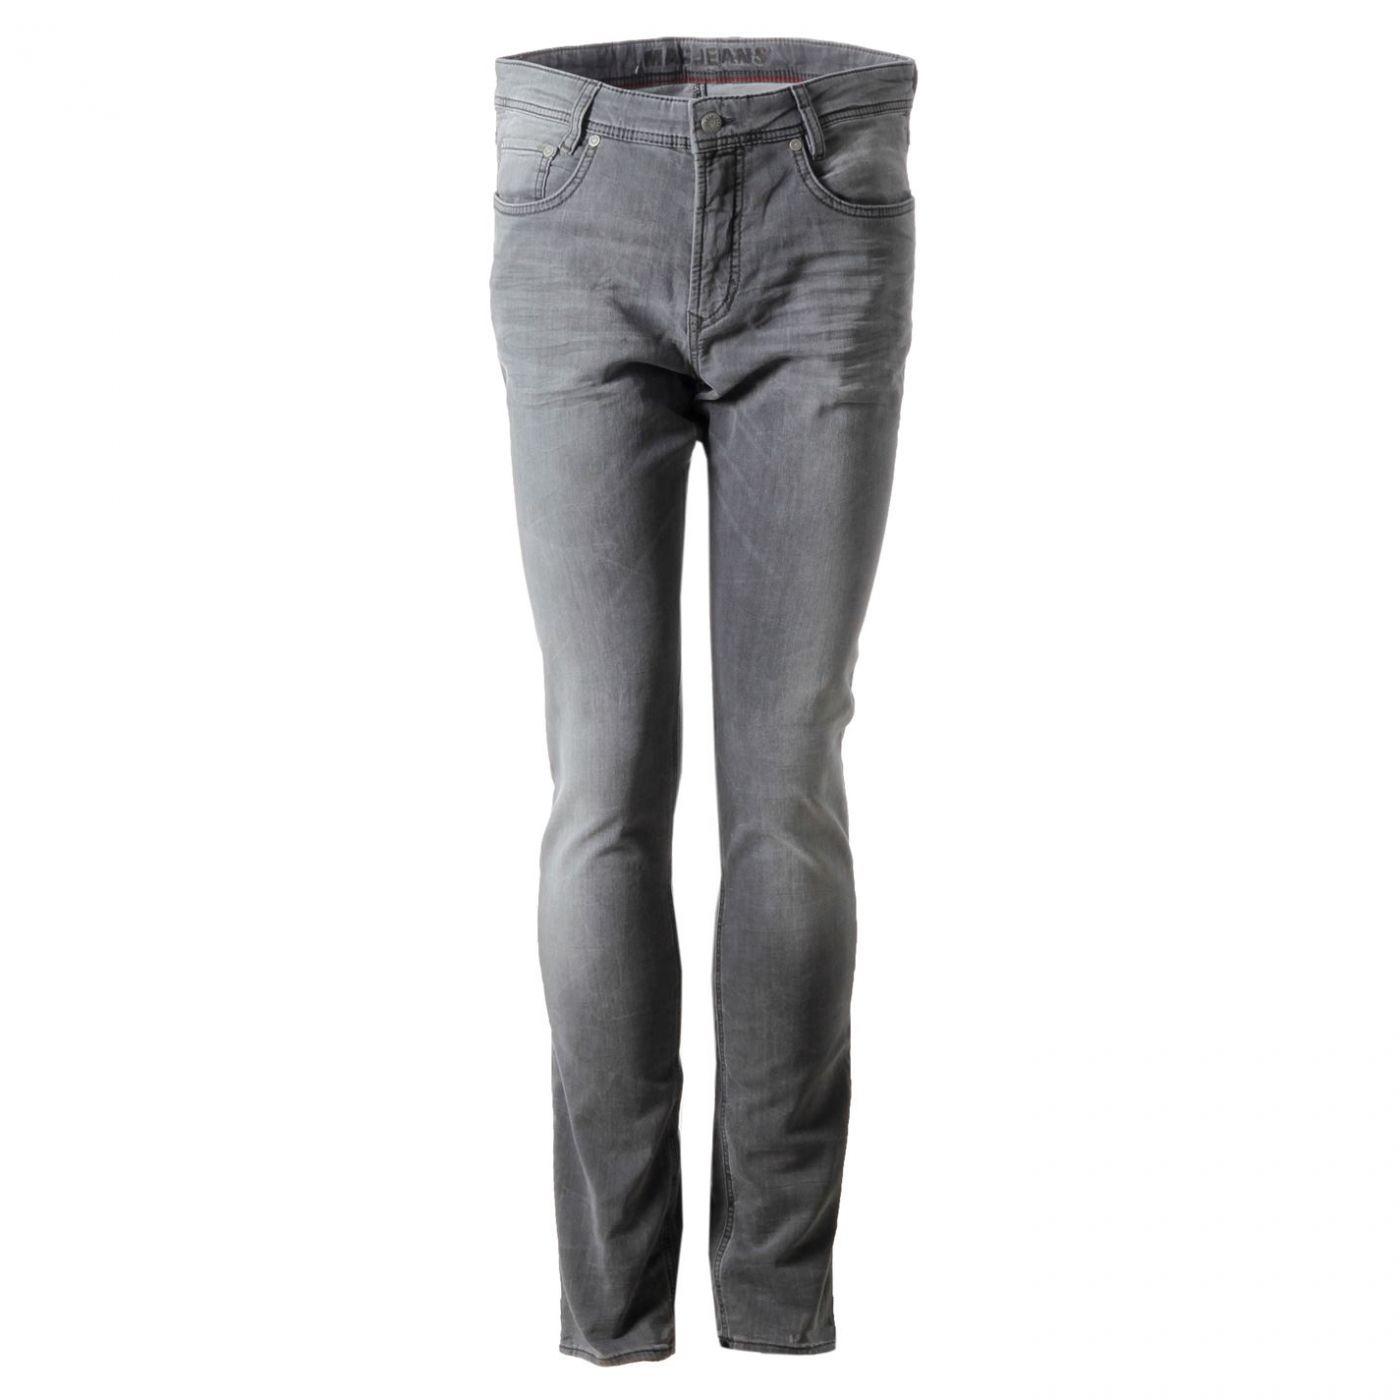 Mac Jog Jeans Mens